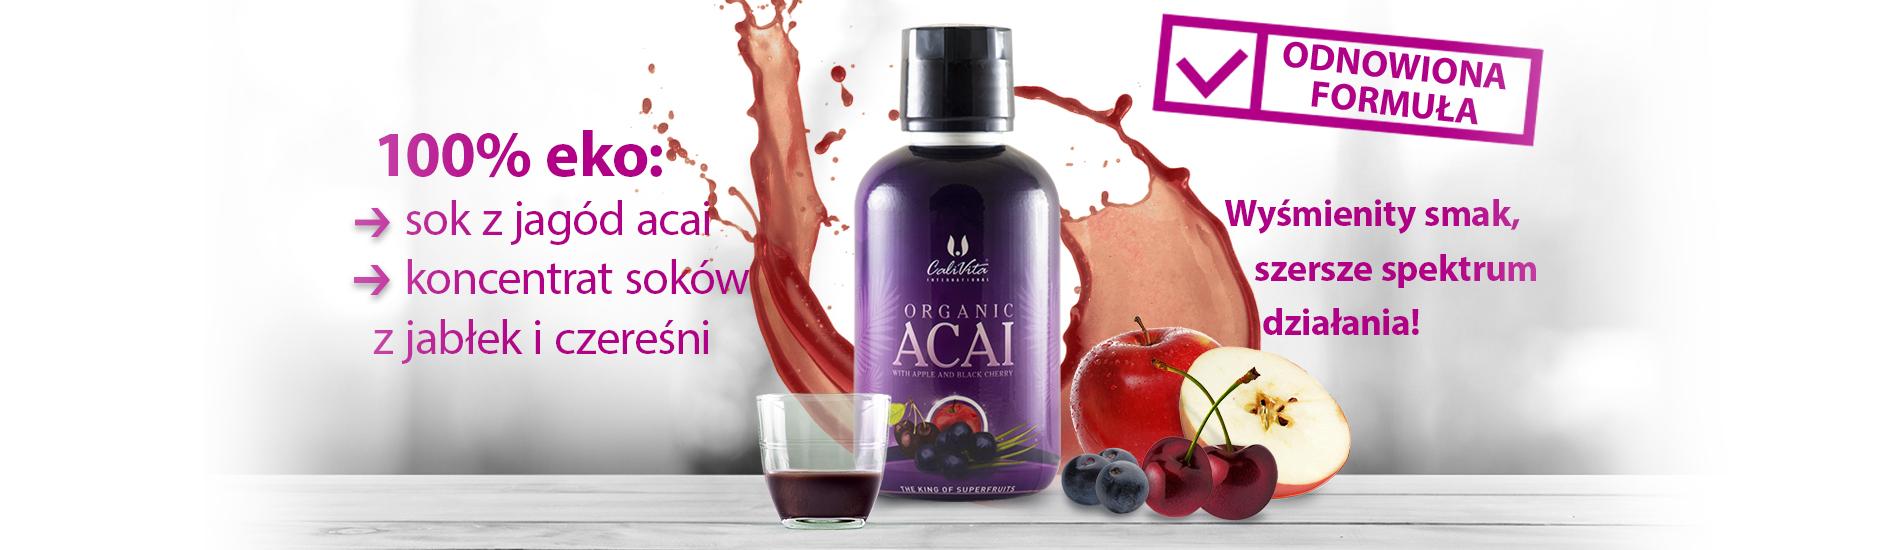 Organic Acai with Apple and Black Cherry - jagody acai - sekret długowieczności 1